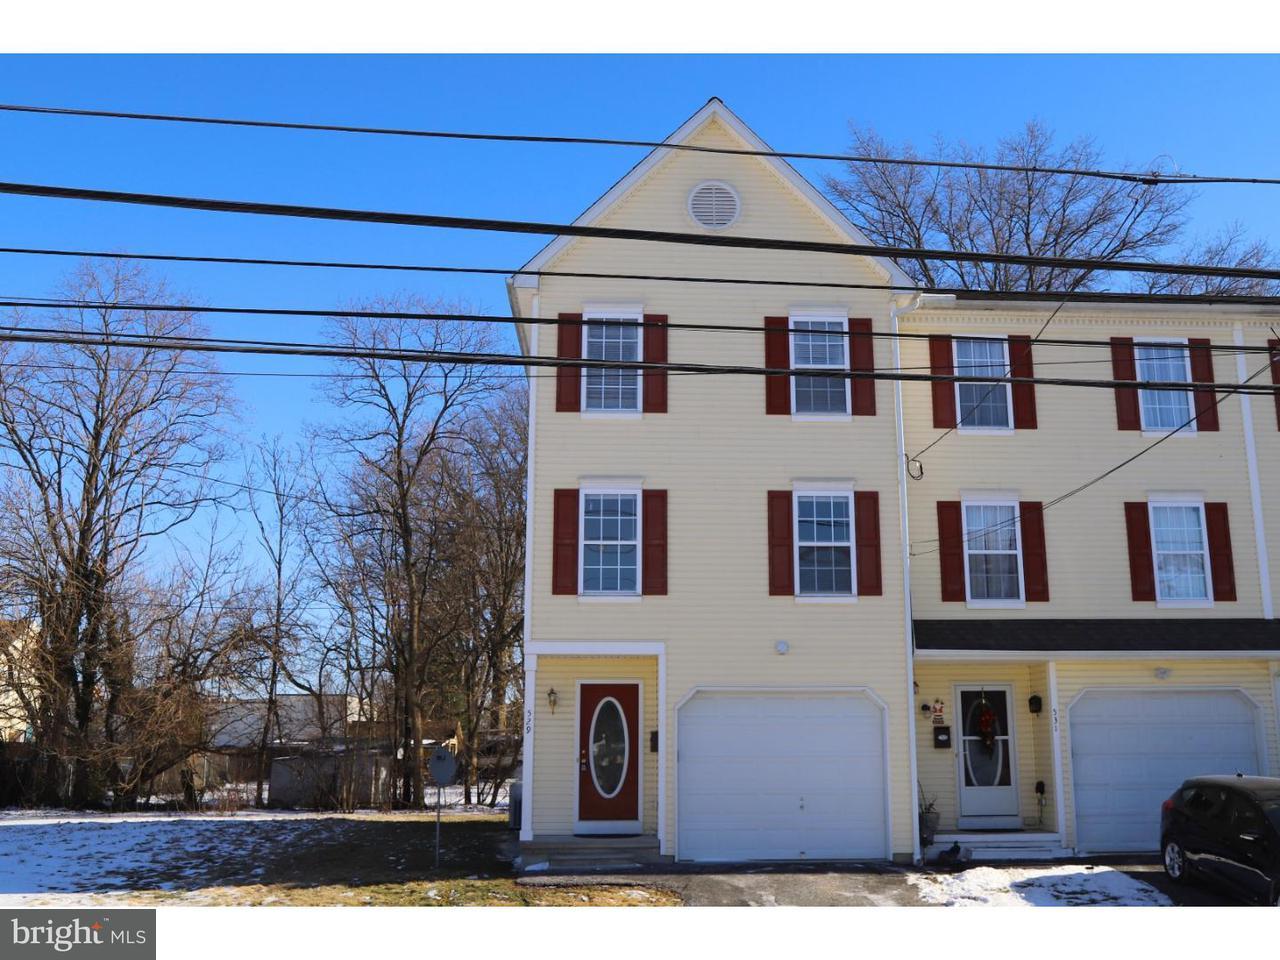 Casa unifamiliar adosada (Townhouse) por un Alquiler en 529 CENTER Street Kennett Square, Pennsylvania 19348 Estados Unidos